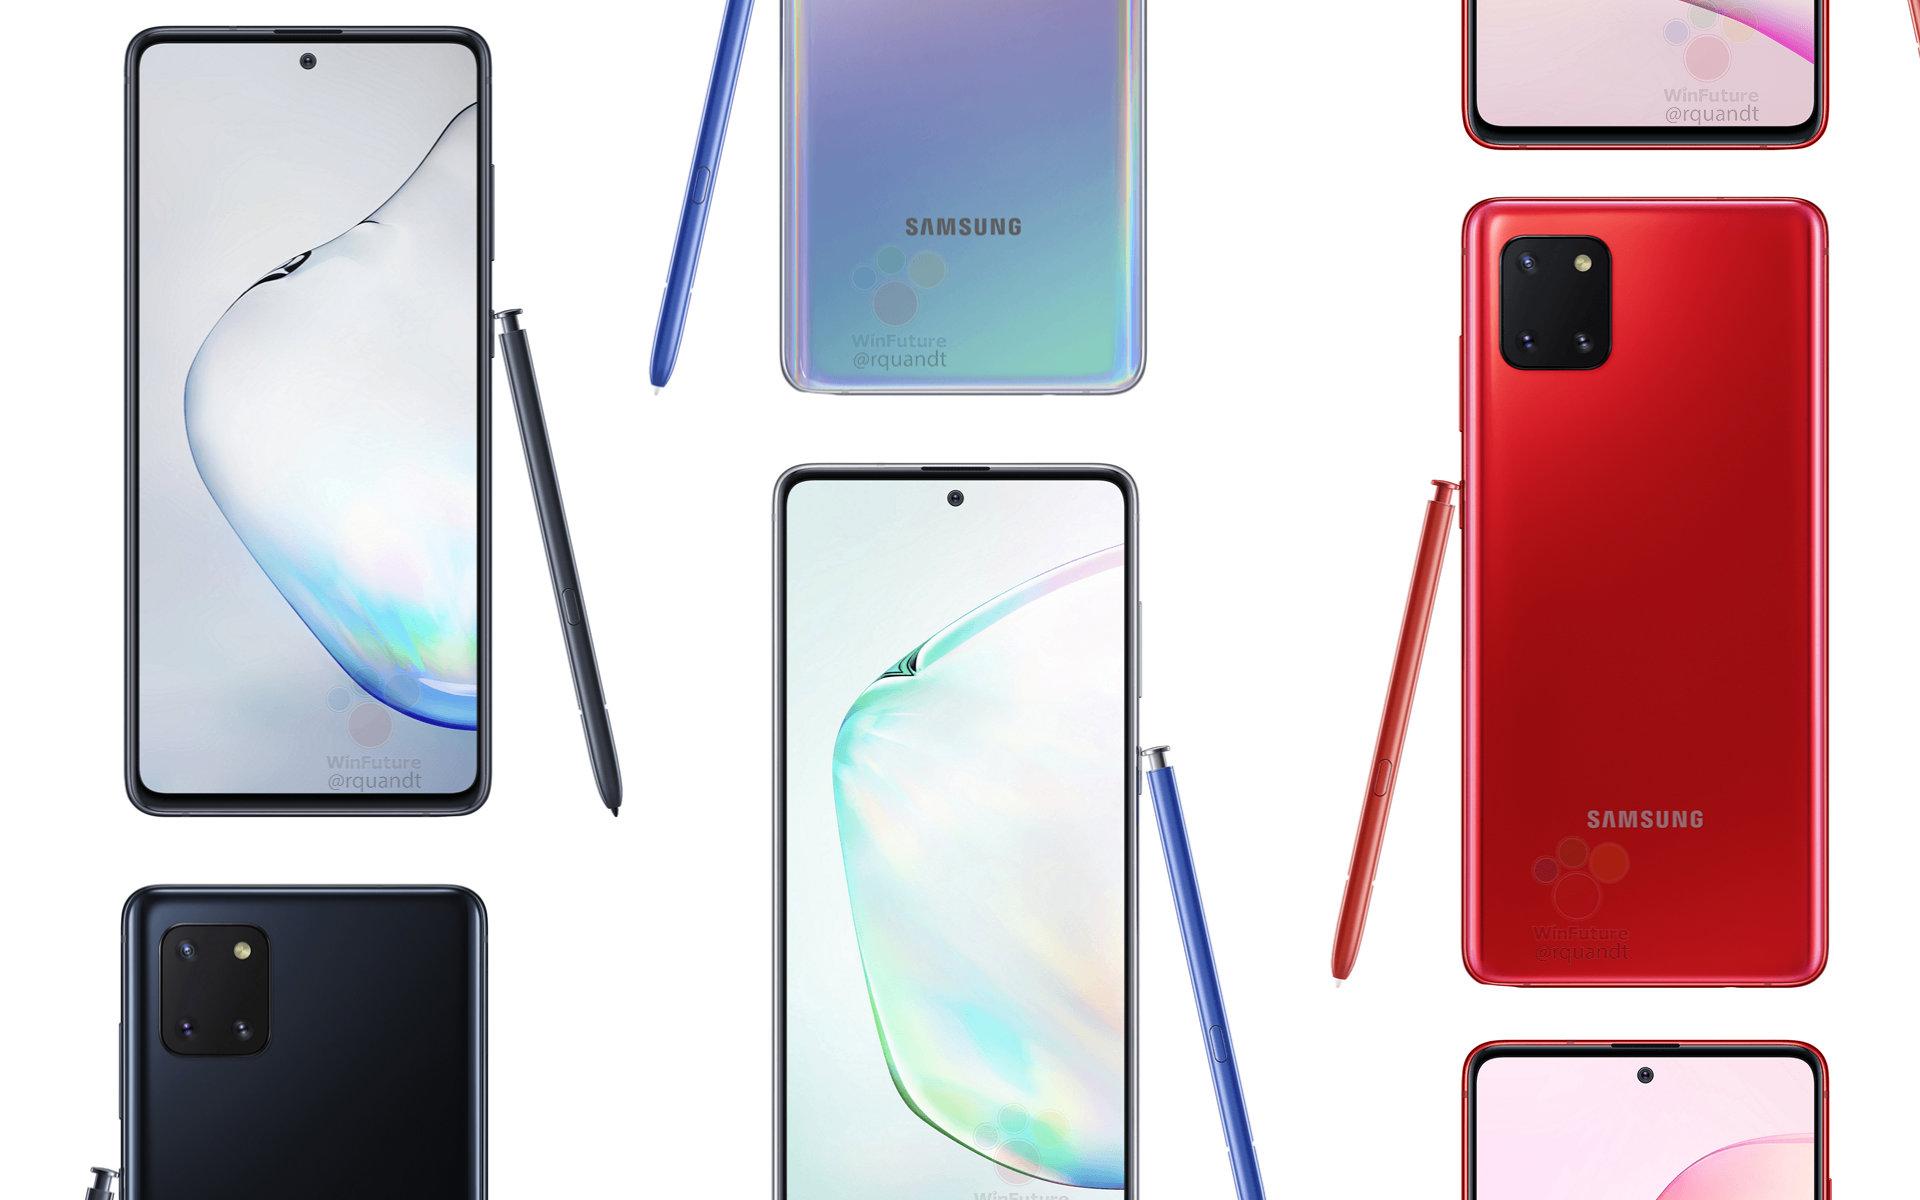 Samsung Galaxy Note 10 Lite : voici les images presse avant l'heure